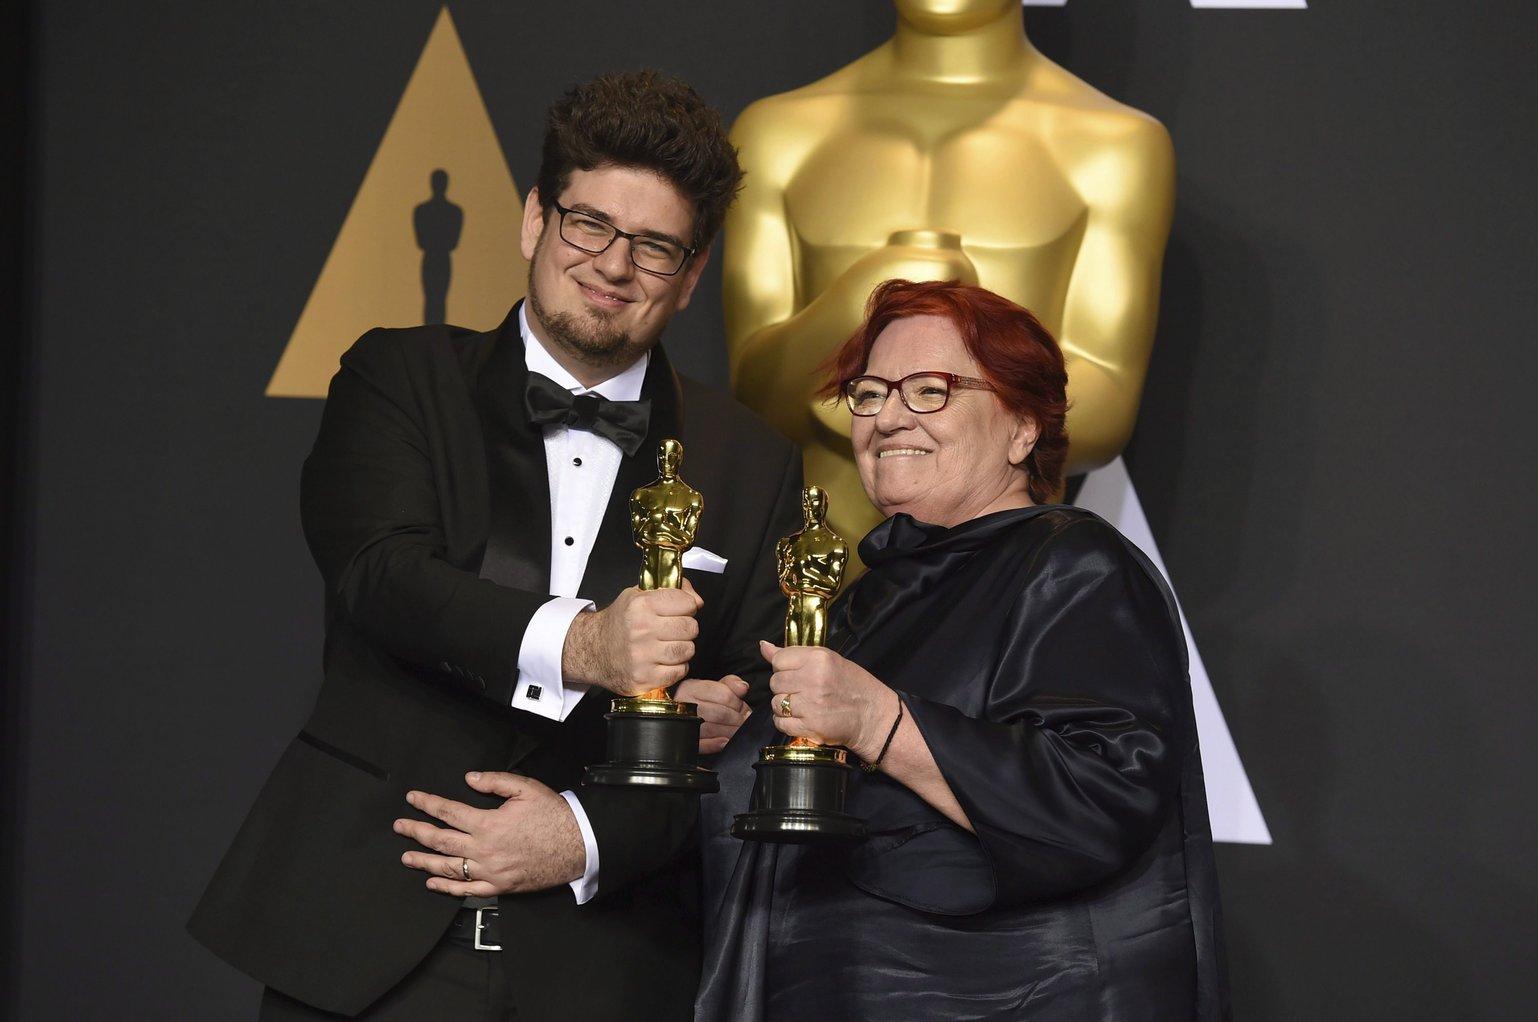 Deák Kristóf rendező és Udvardy Anna producer a legjobb rövidfilmnek járó díjjal a 89. Oscar-gálán a Los Angeles-i Dolby Színházban 2017. február 26-án. Deák Kristóf és Udvardy Anna a Mindenki című filmjéért részesült az elismerésben. (MTI/AP/Jordan Strauss)